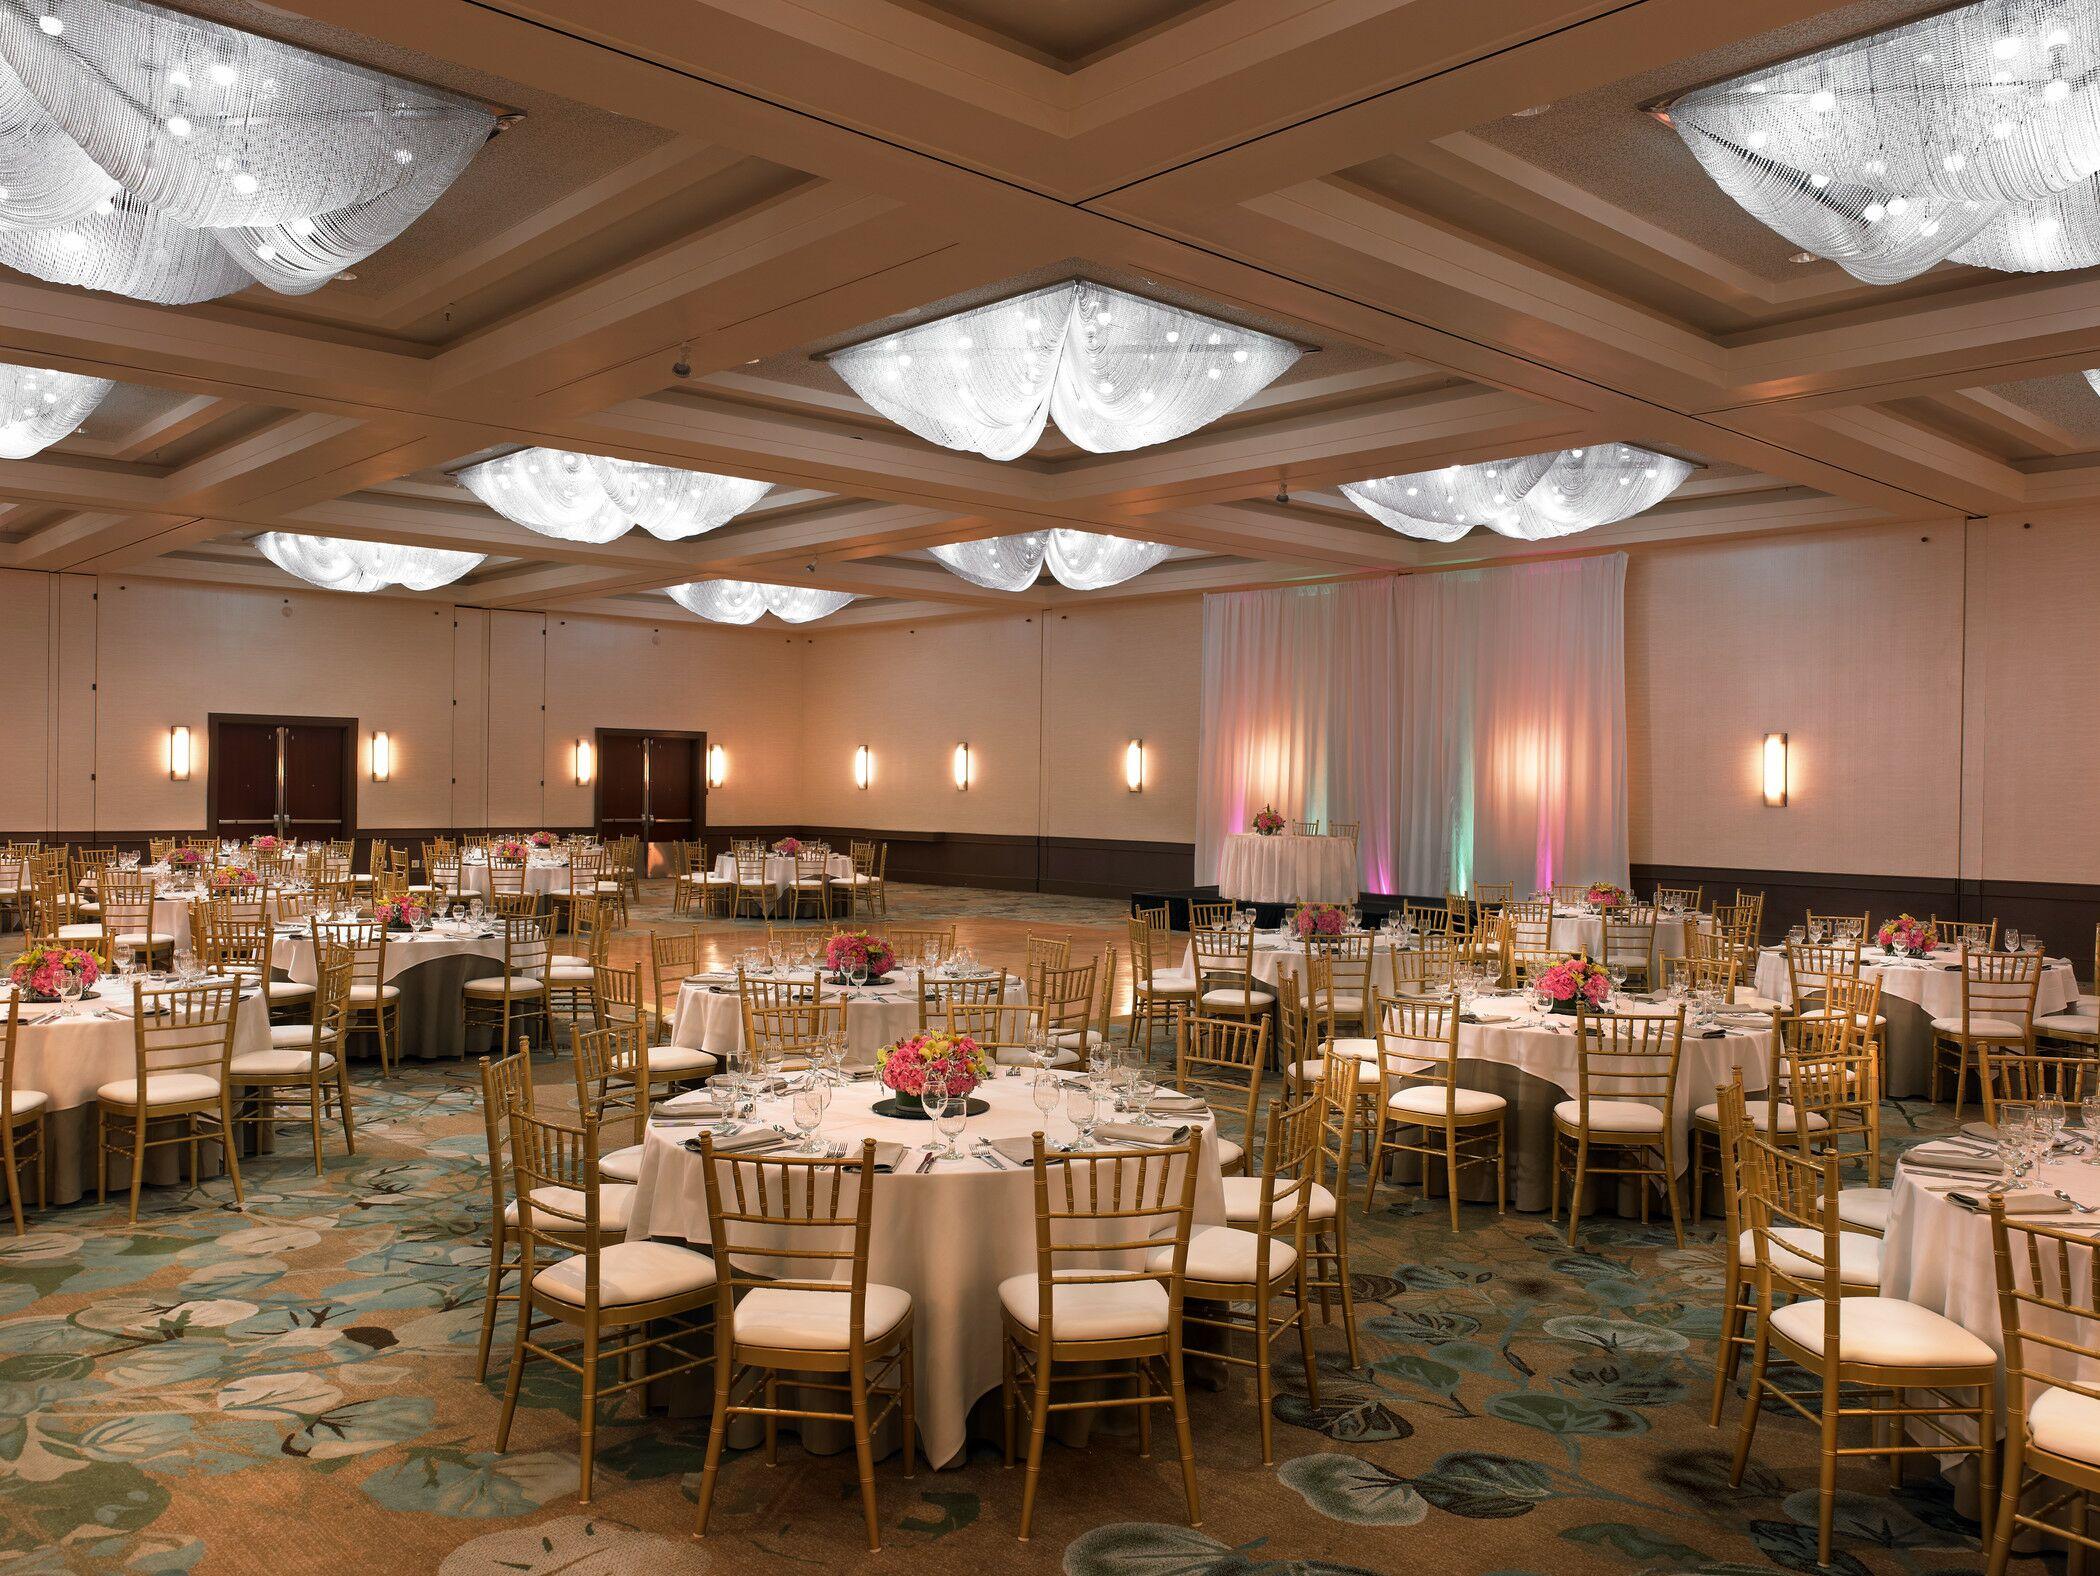 Wedding Reception Venues in Half Moon Bay, CA - The Knot